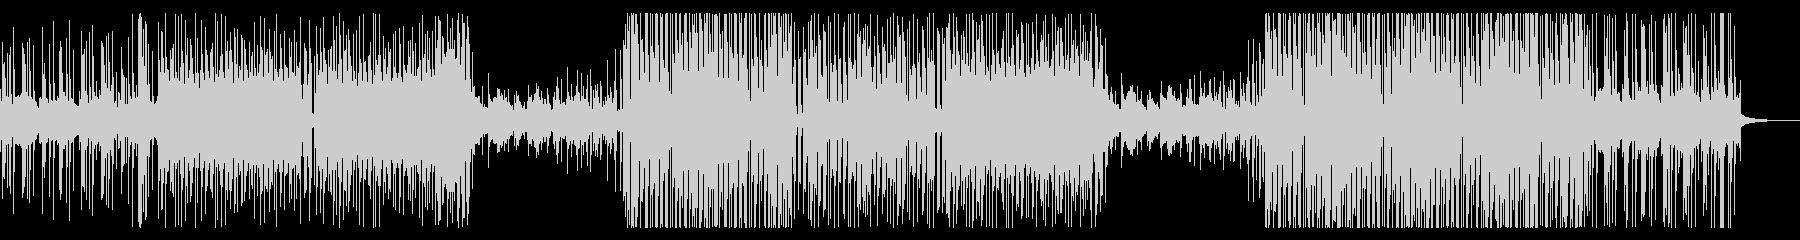 洋楽トレンド系さわやかなトロピカルハウスの未再生の波形